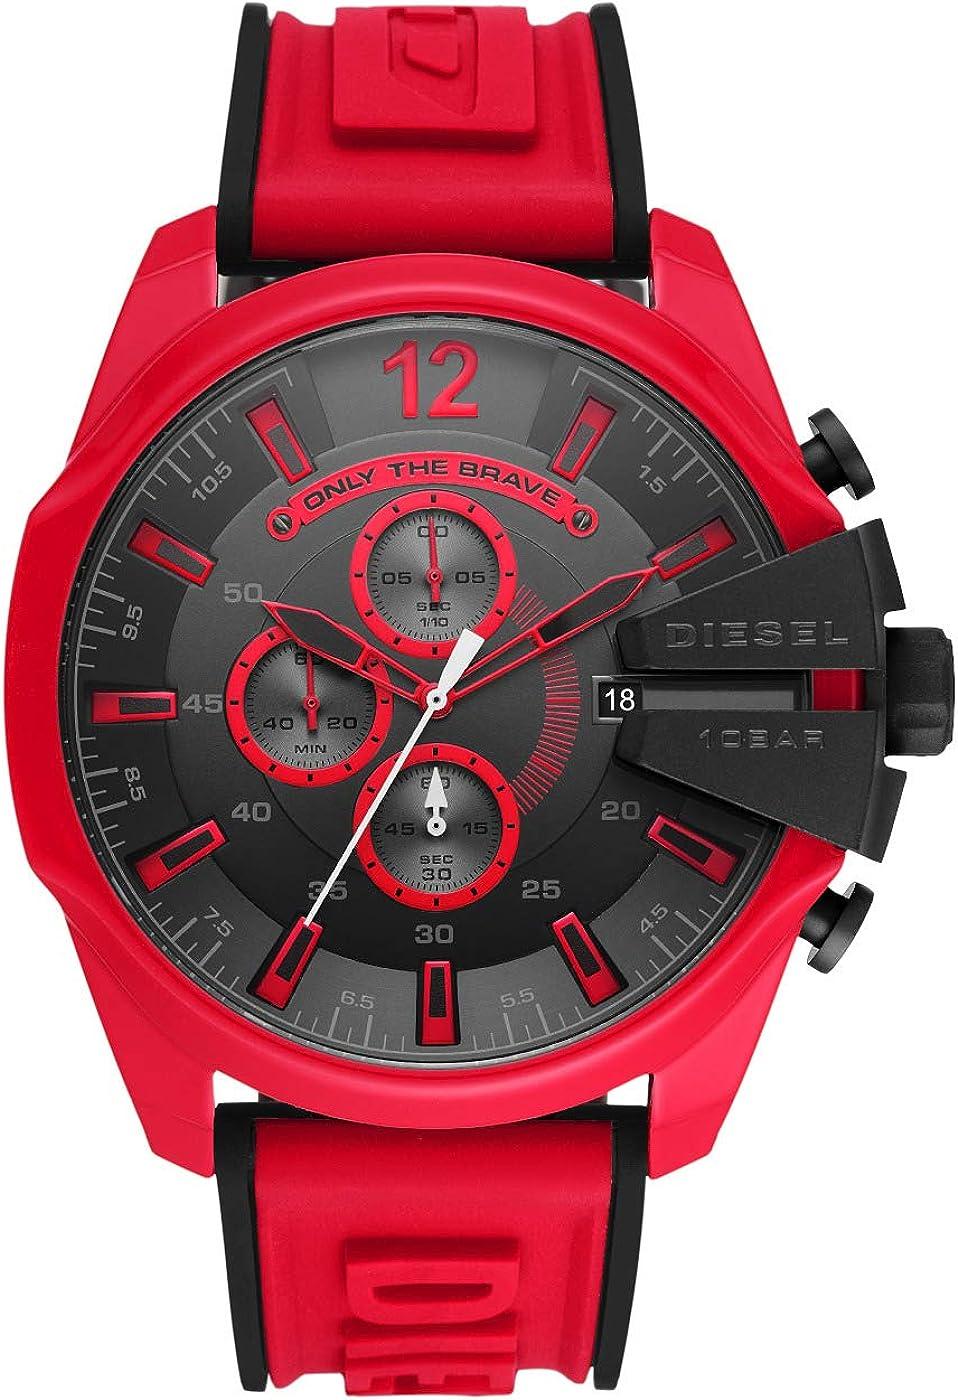 Reloj Diesel DZ4526 cuarzo analógico Acero 316 L Hombre